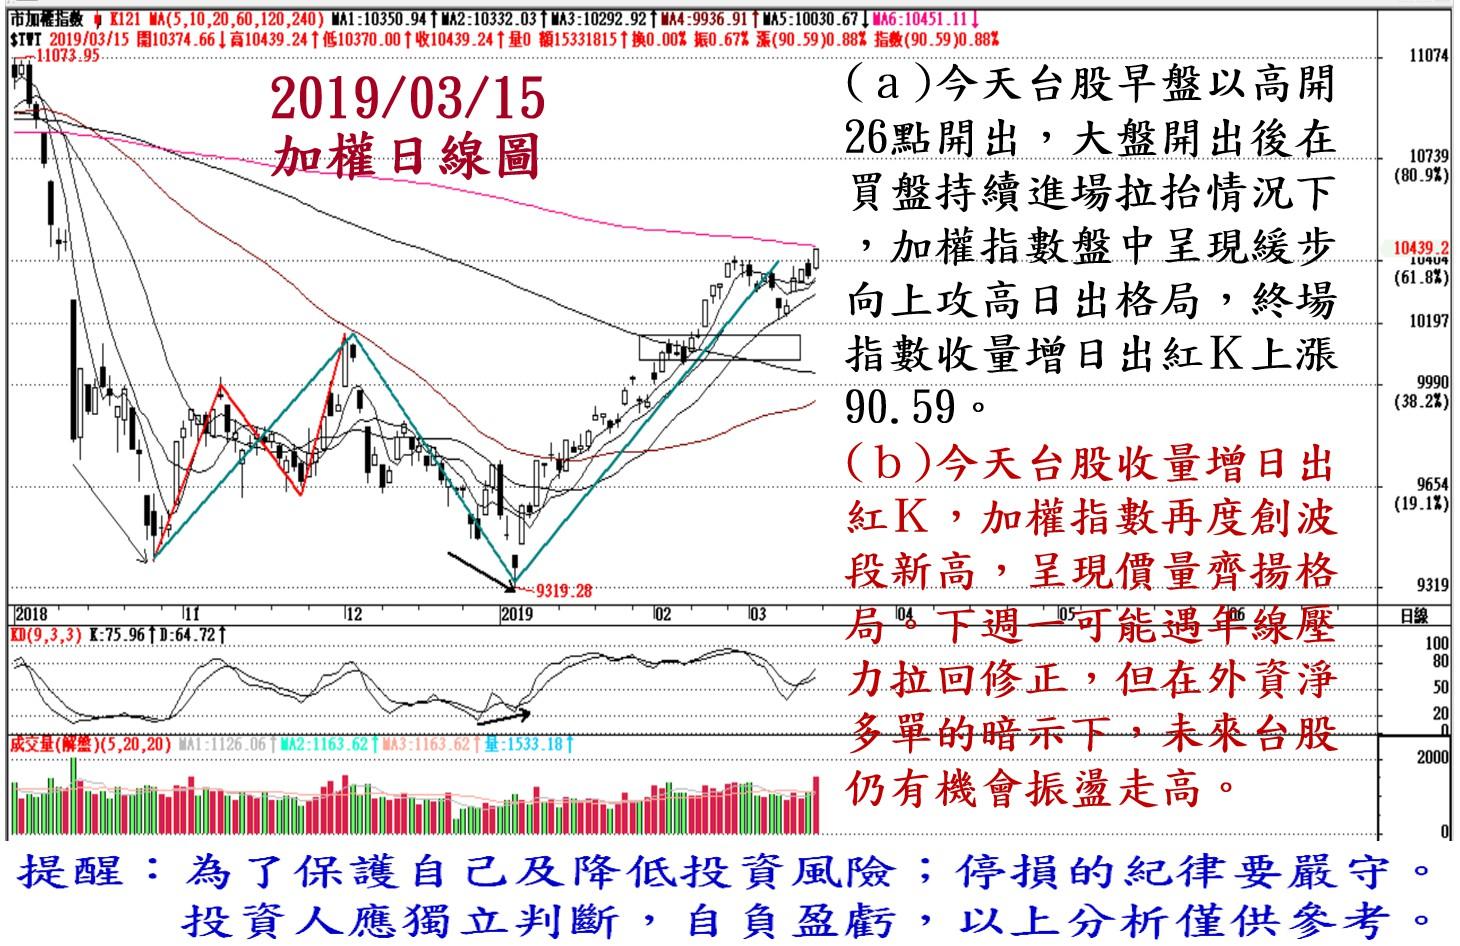 2019年3月15日台股大盤解析